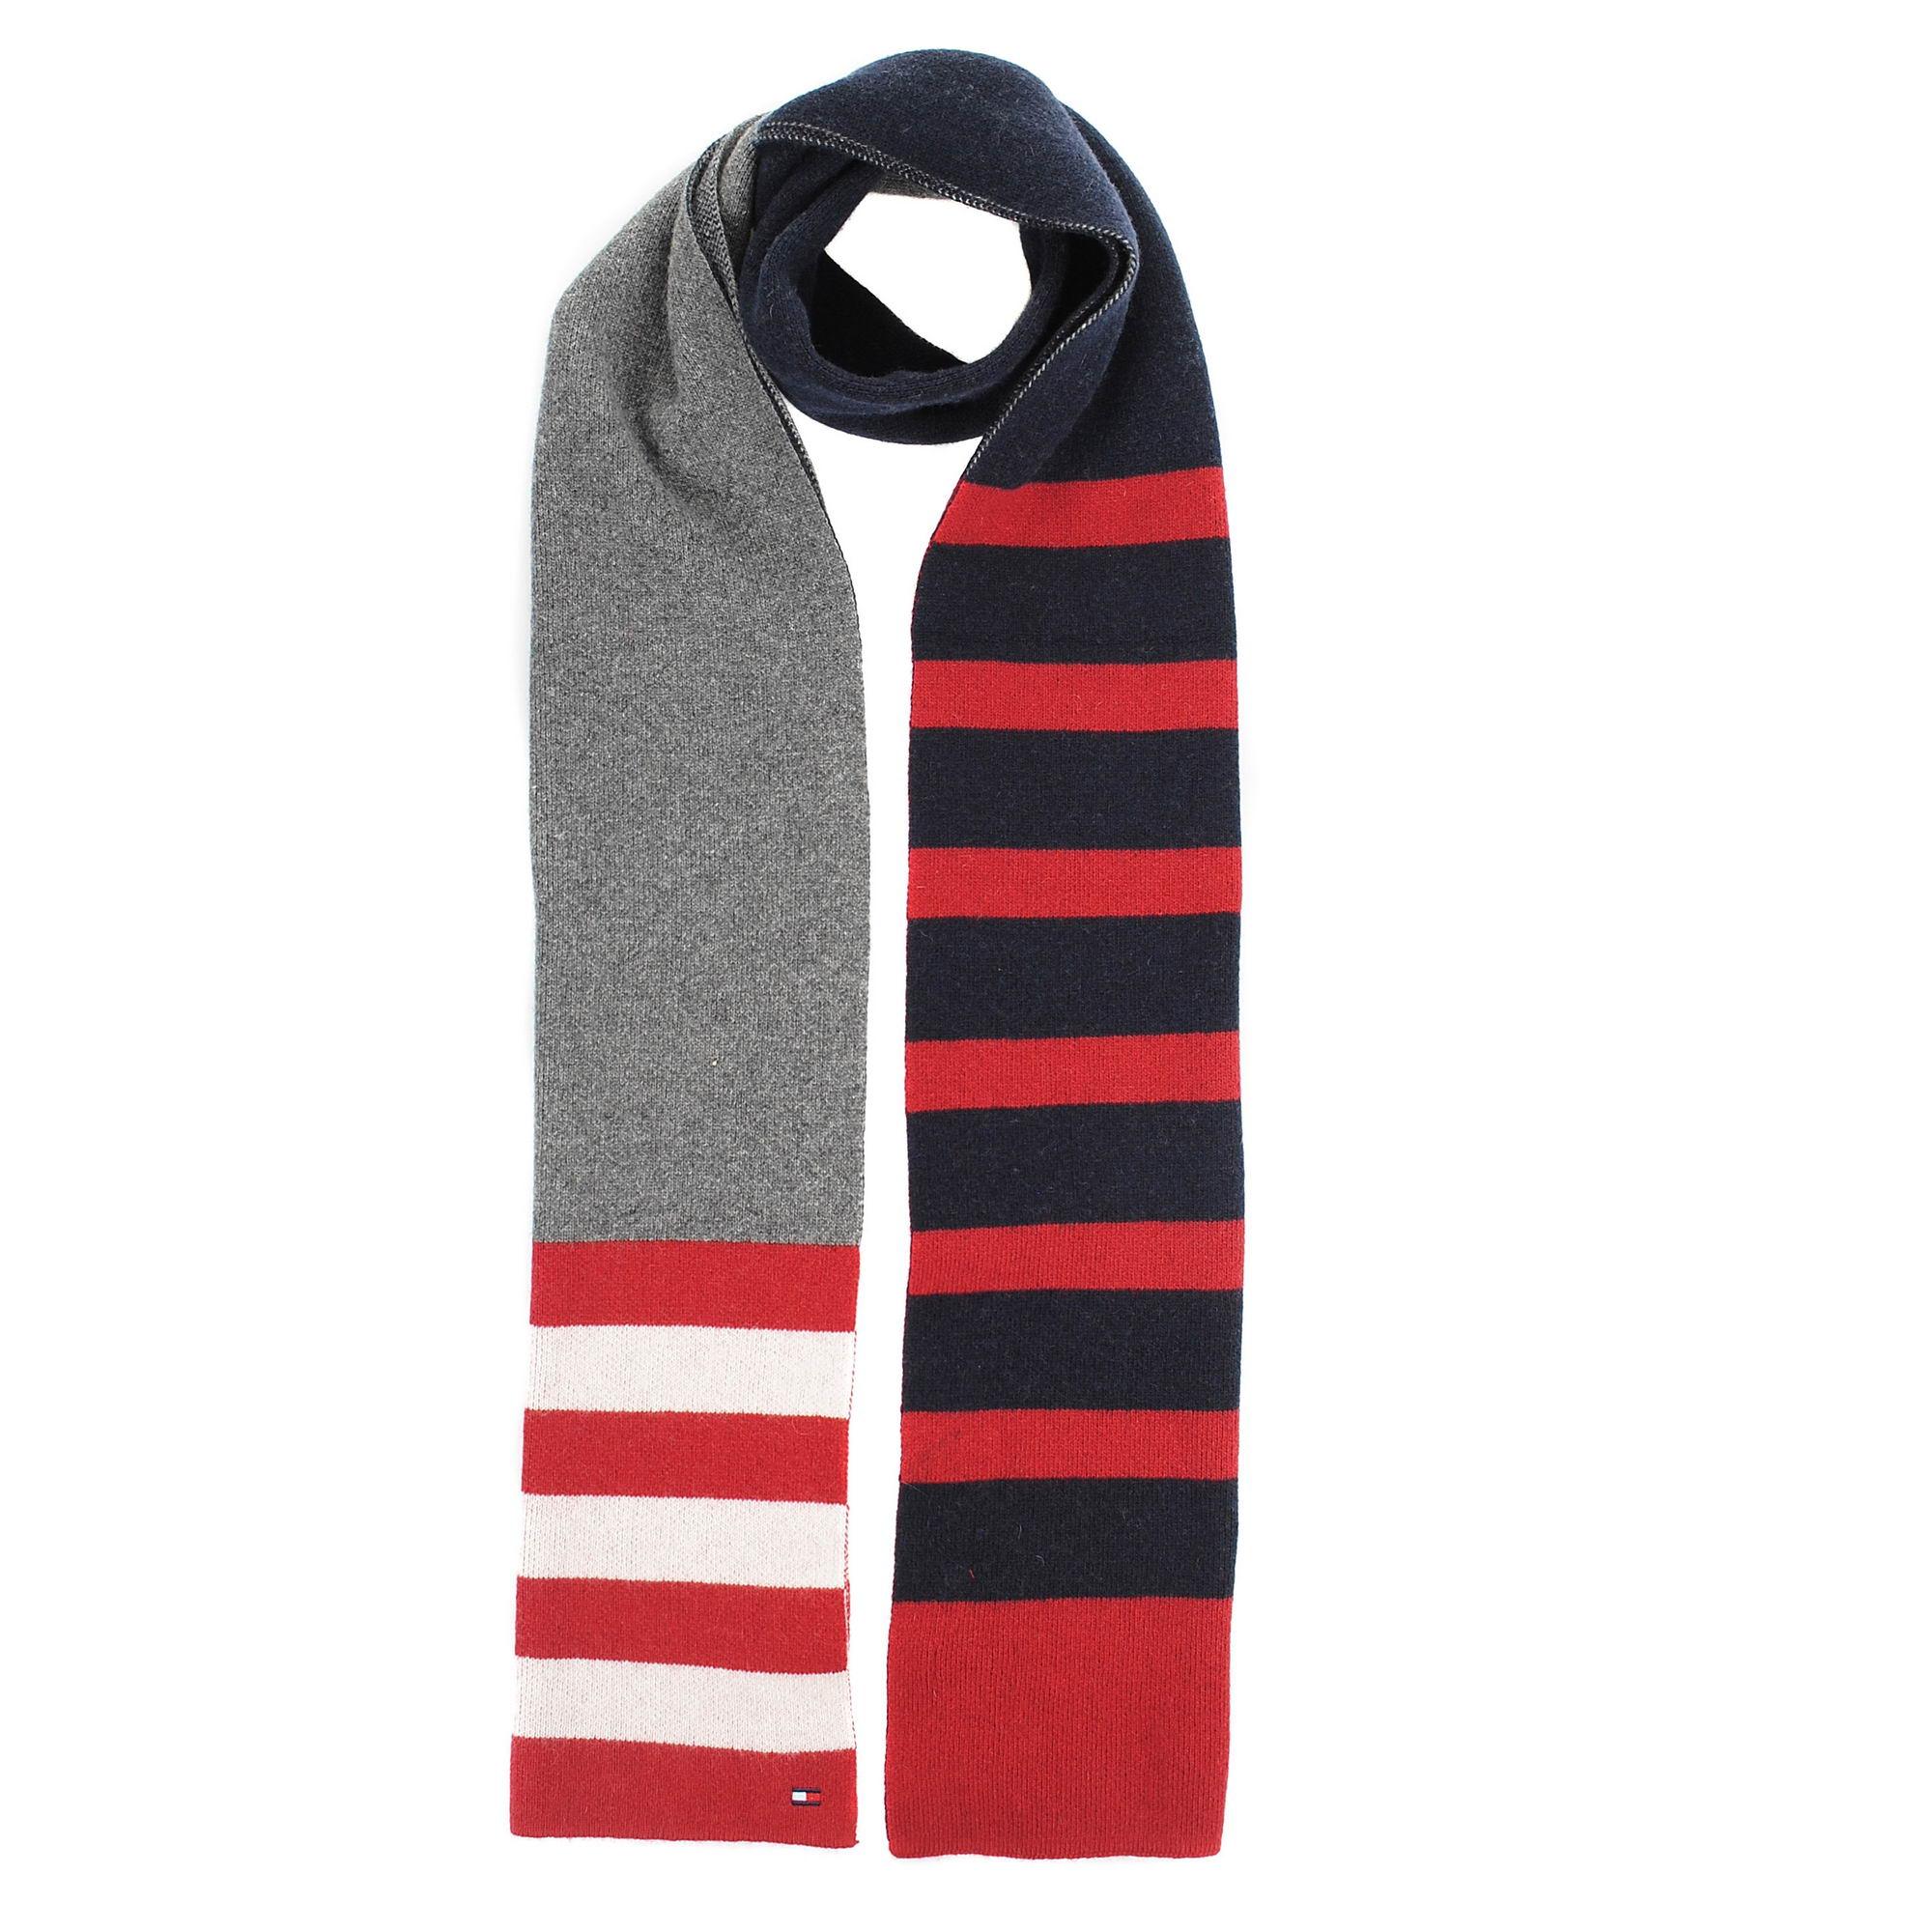 Κασκόλ Tommy Hilfiger Seasonal Stripe Scar AM0AM04036 γυναικα   κασκόλ